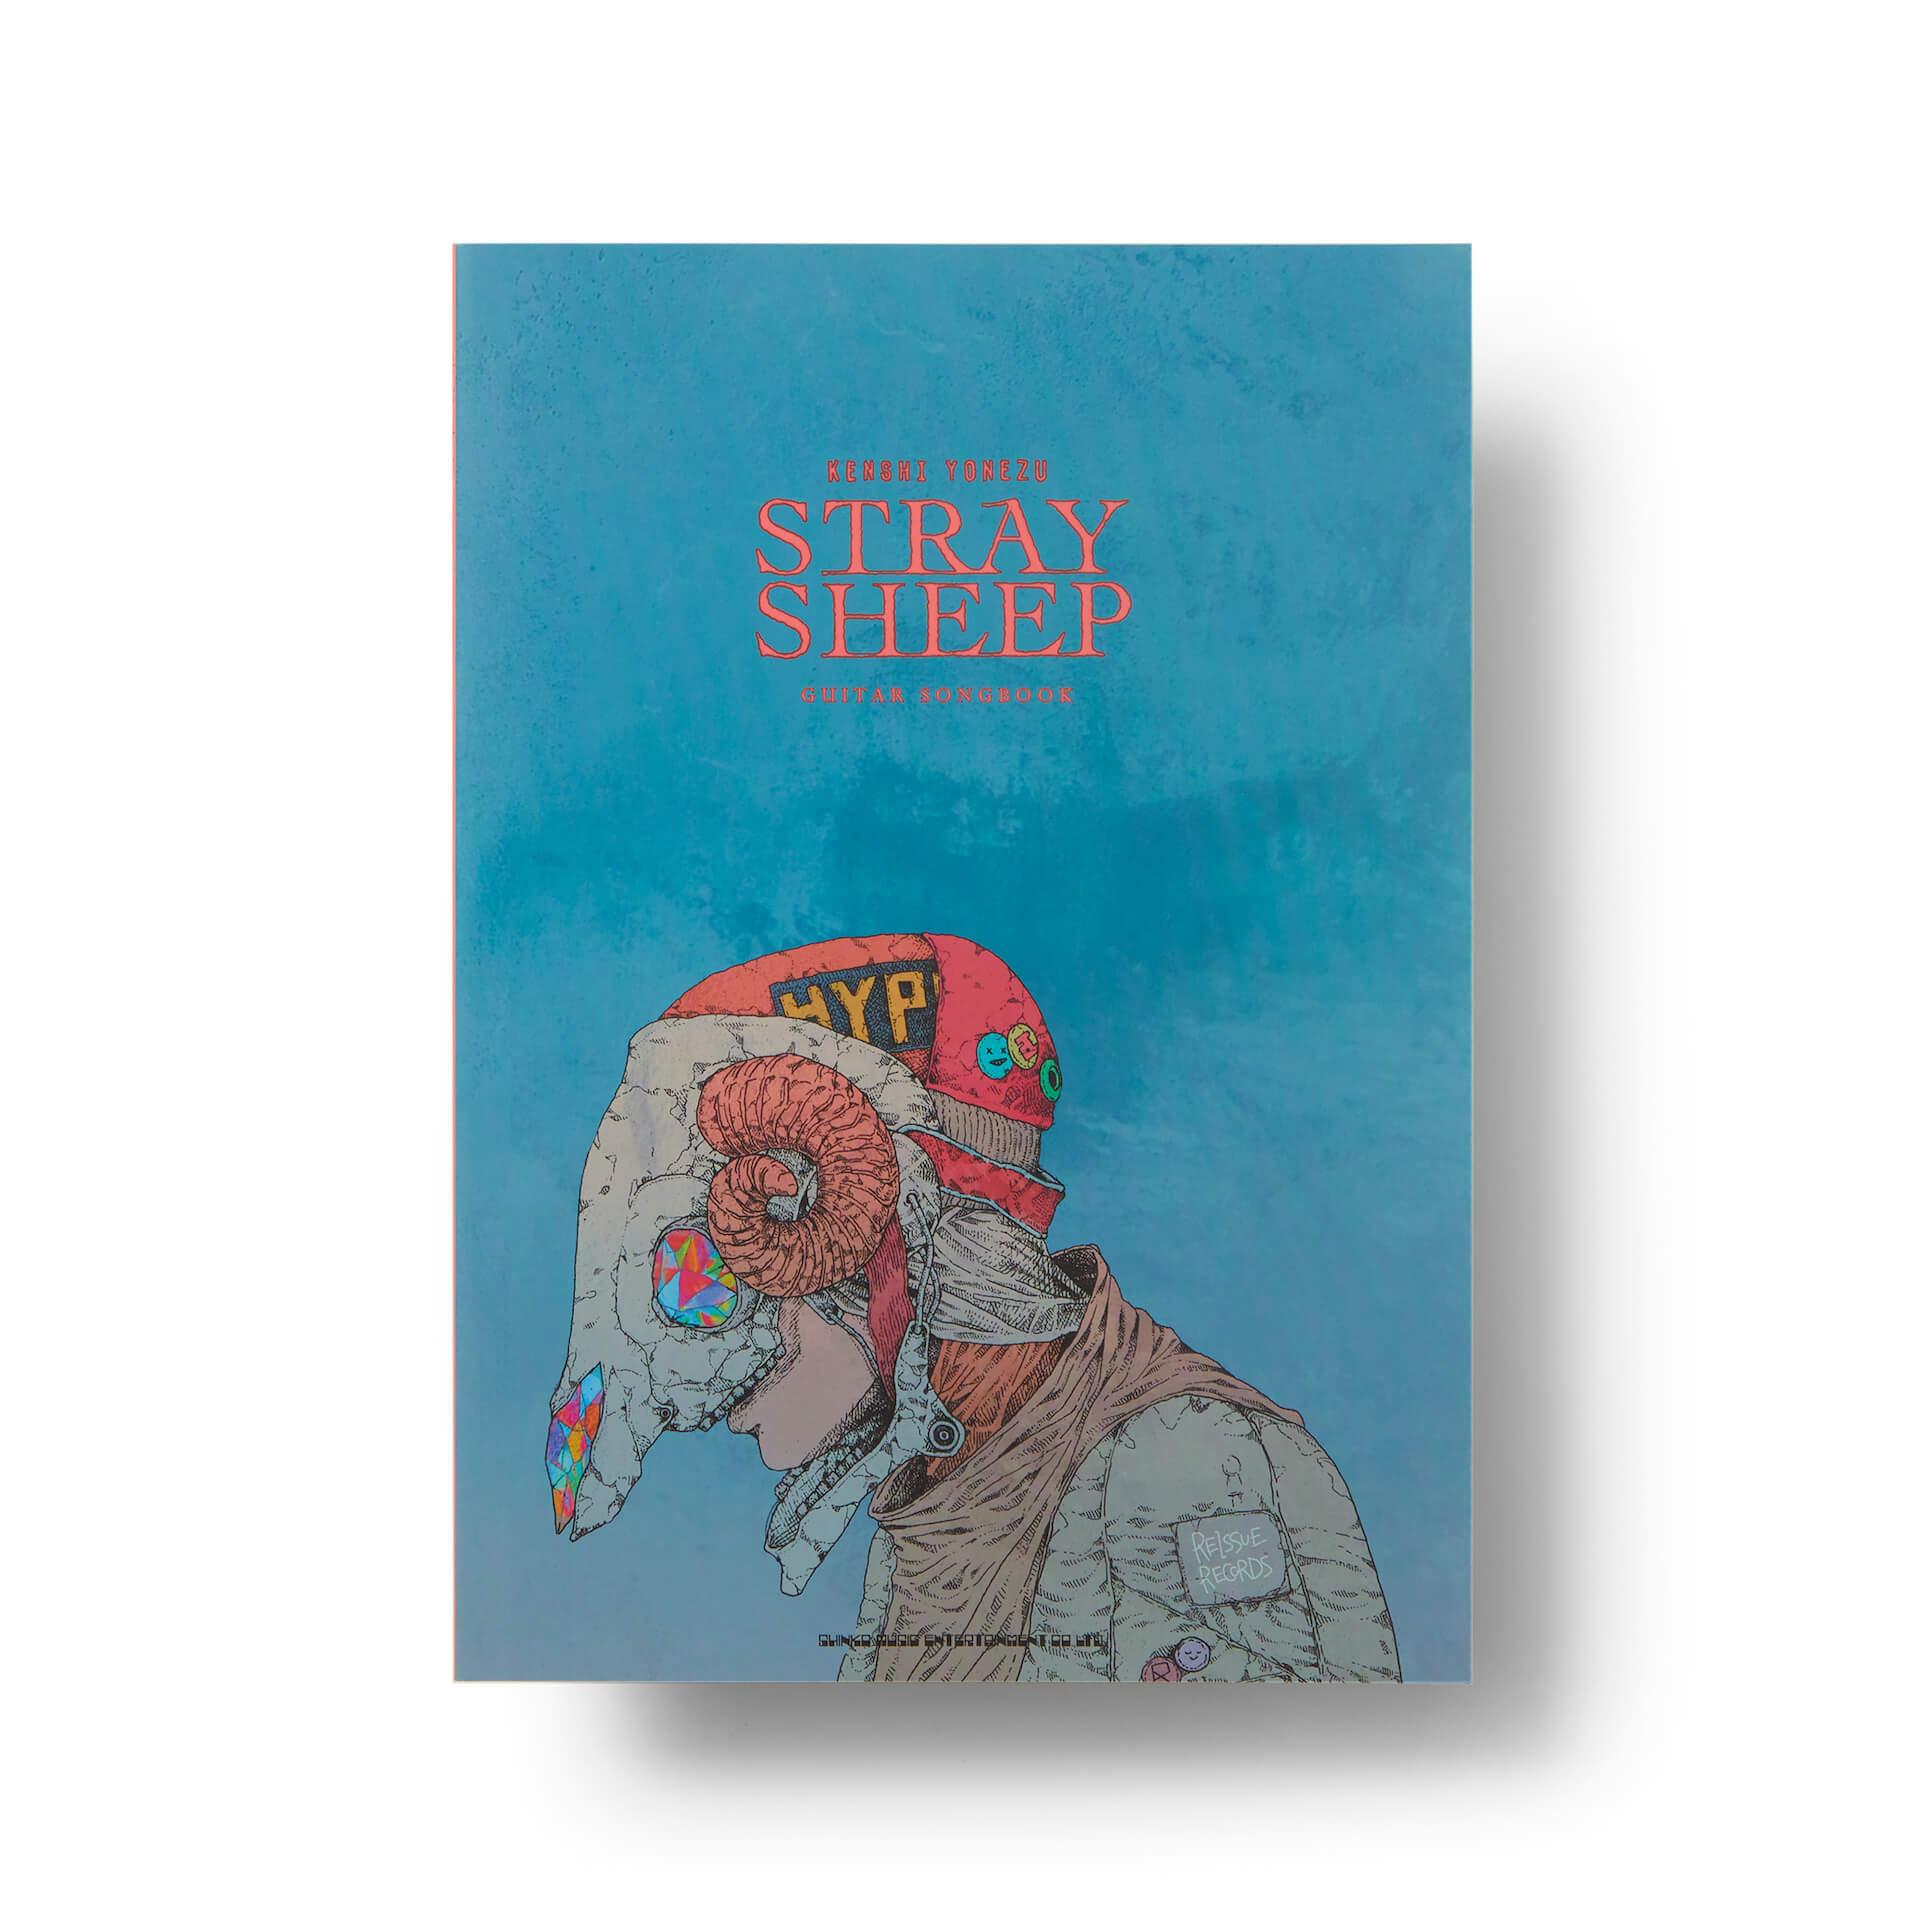 米津玄師『STRAY SHEEP』のスコアブック5冊が発売決定!「米津玄師COLLECTION」となるピアノスコアも music210709_yonezukenshi_scorebook_2